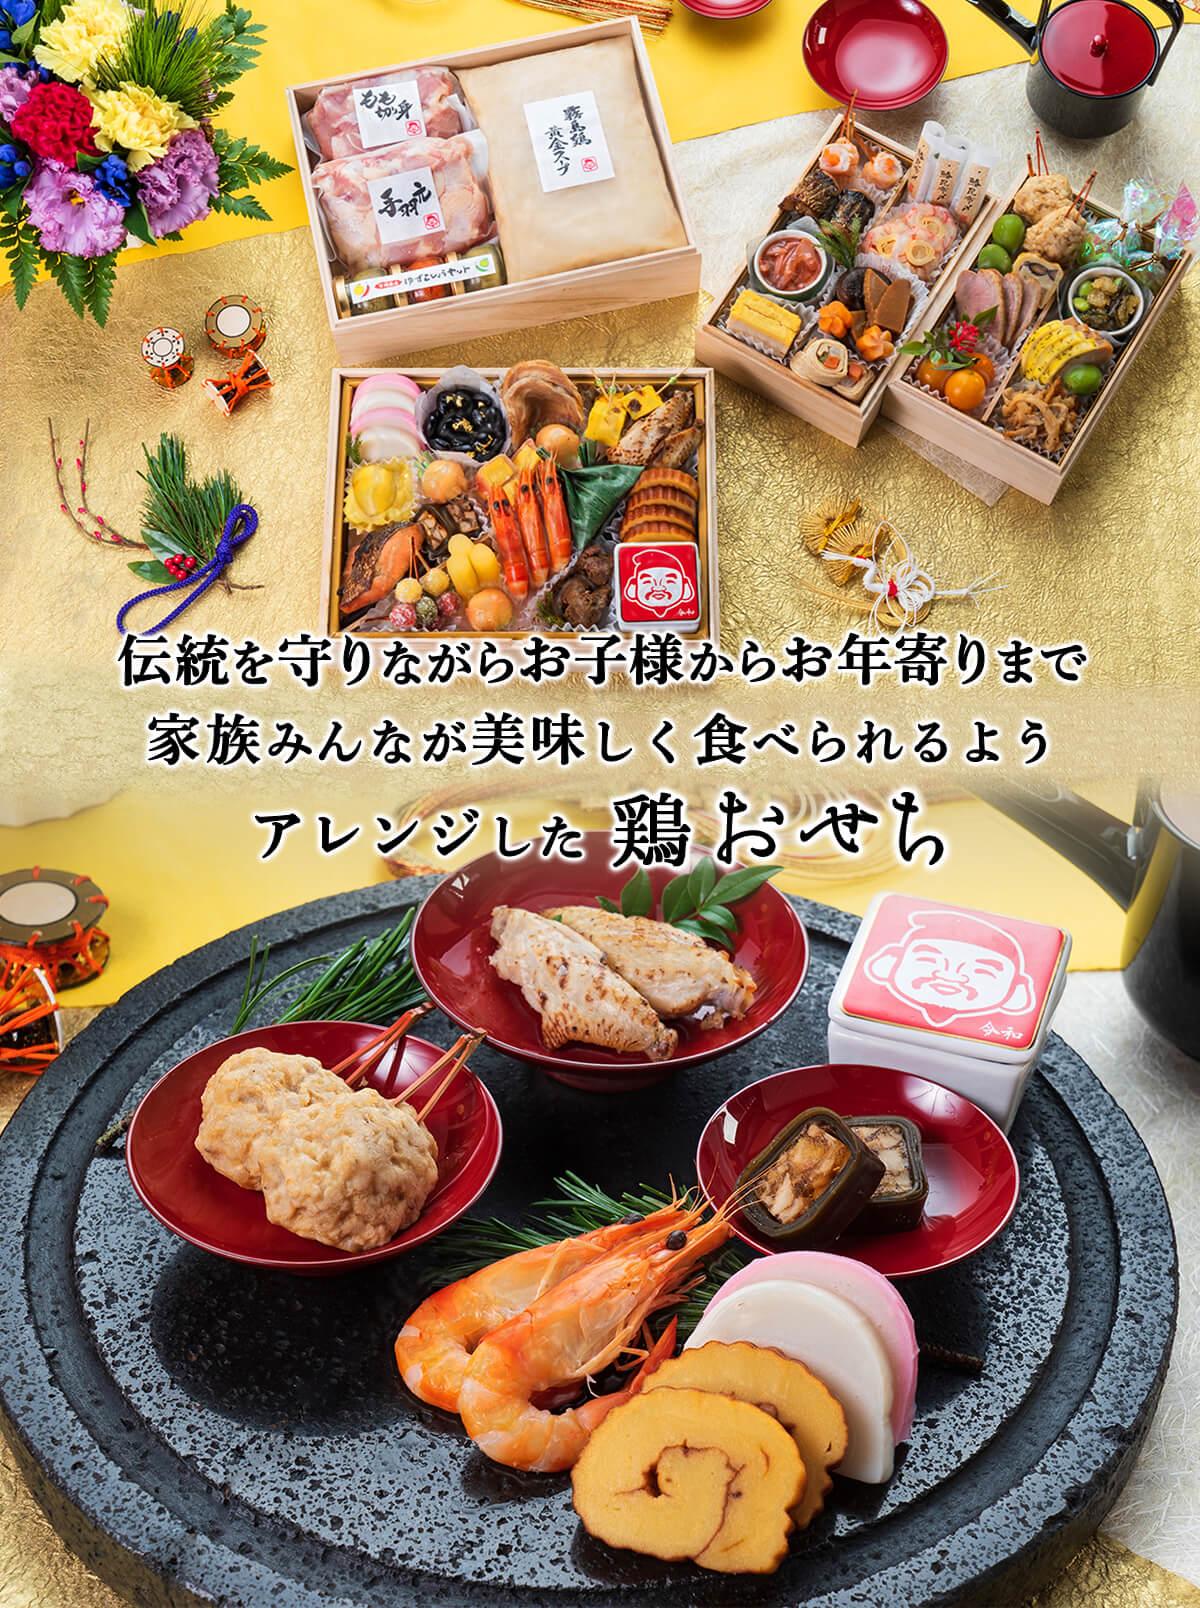 伝統を守りながらお子様からお年寄りまで家族みんなが美味しく食べられるようアレンジした鶏おせち